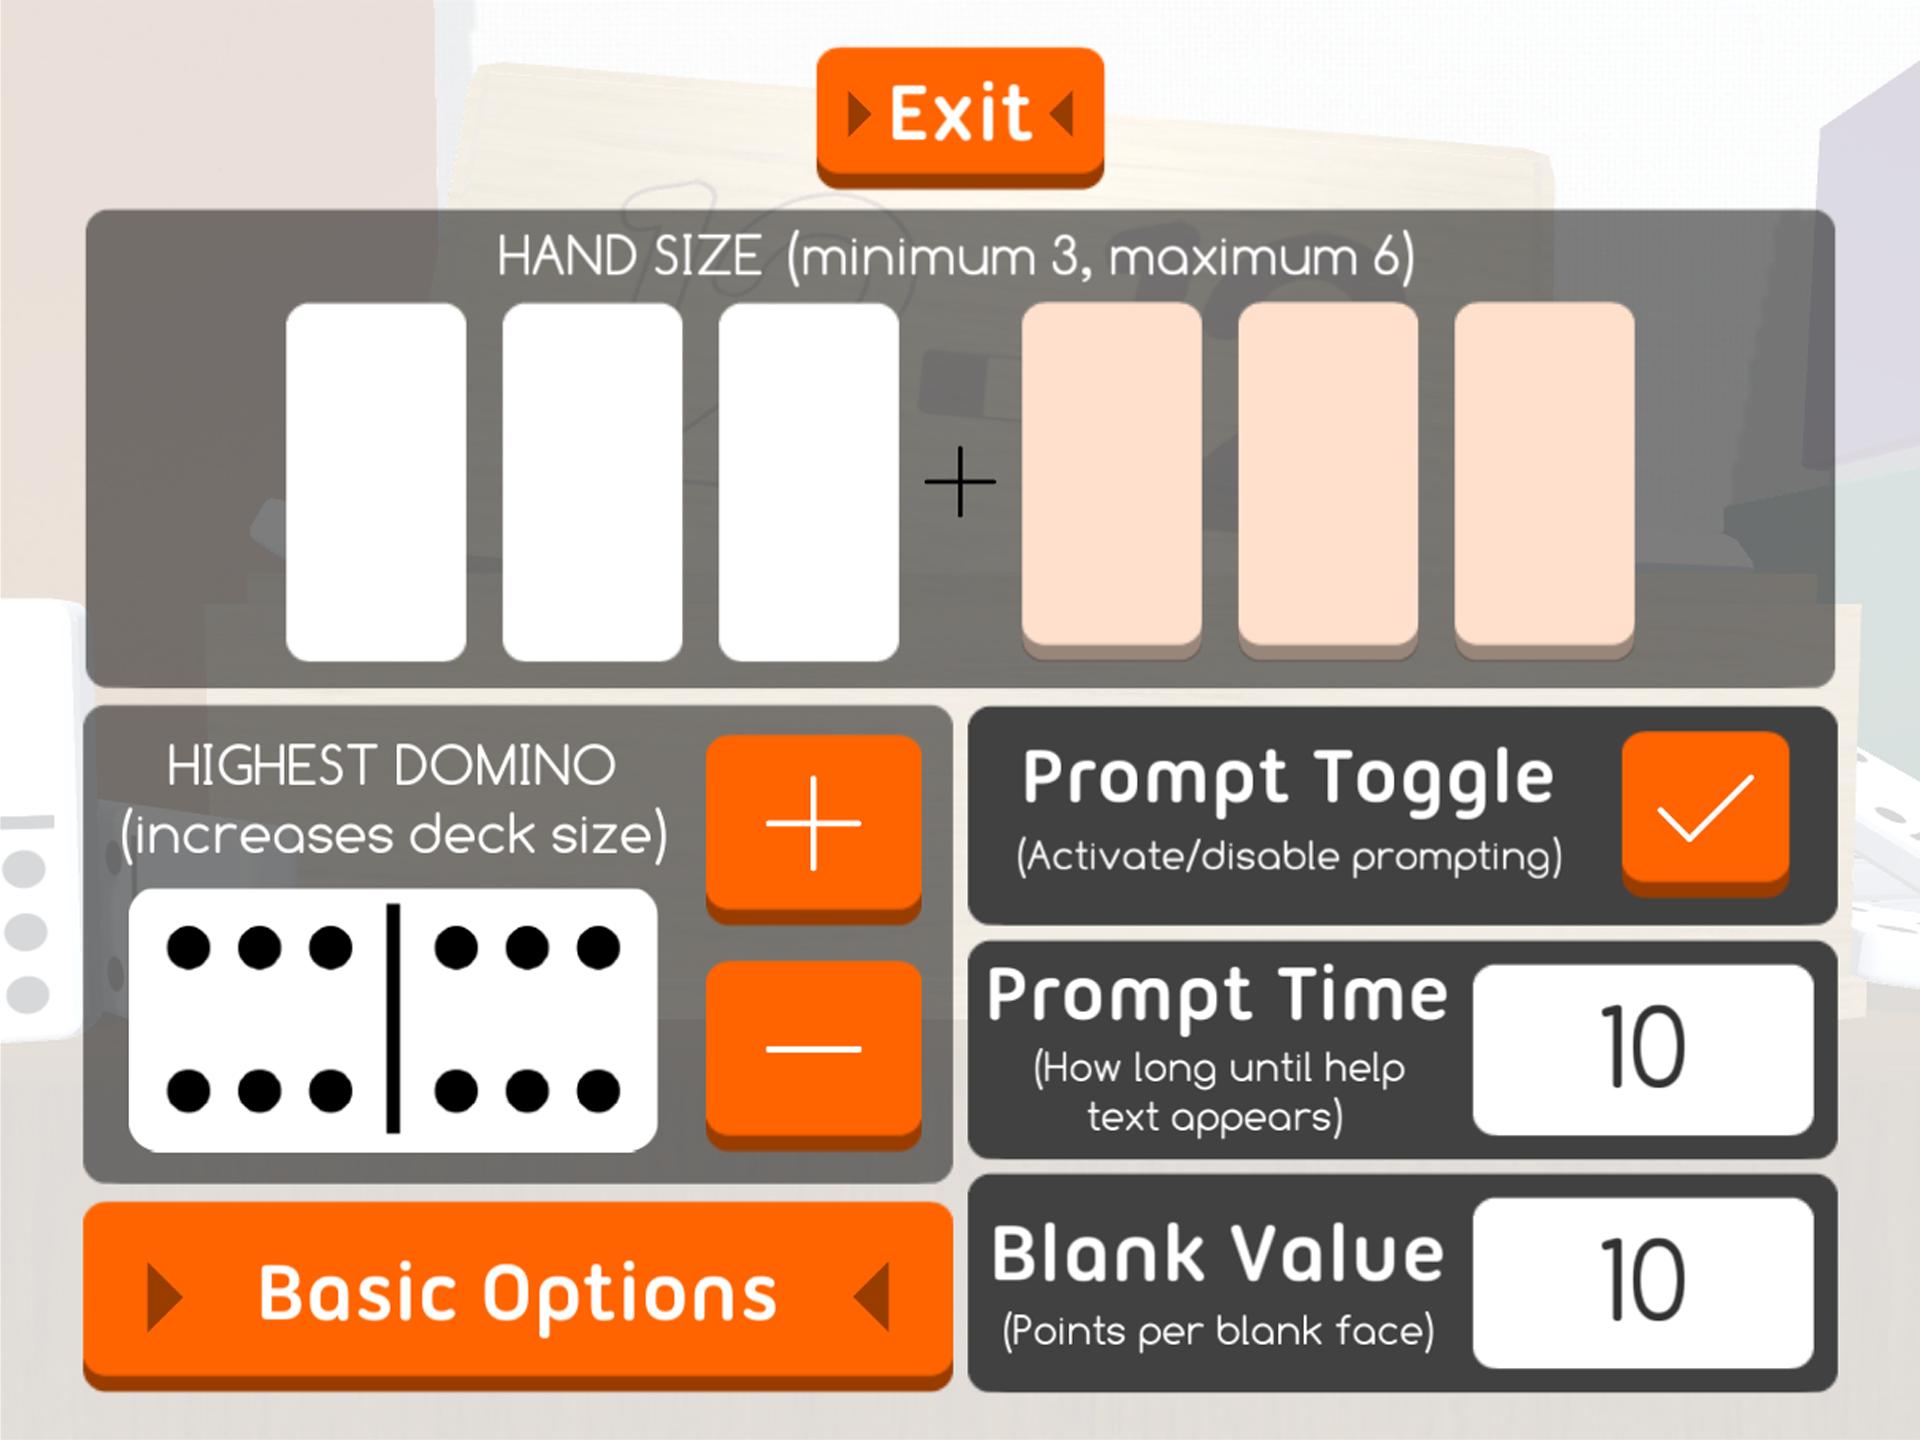 Figure 7.3 - Advanced Options